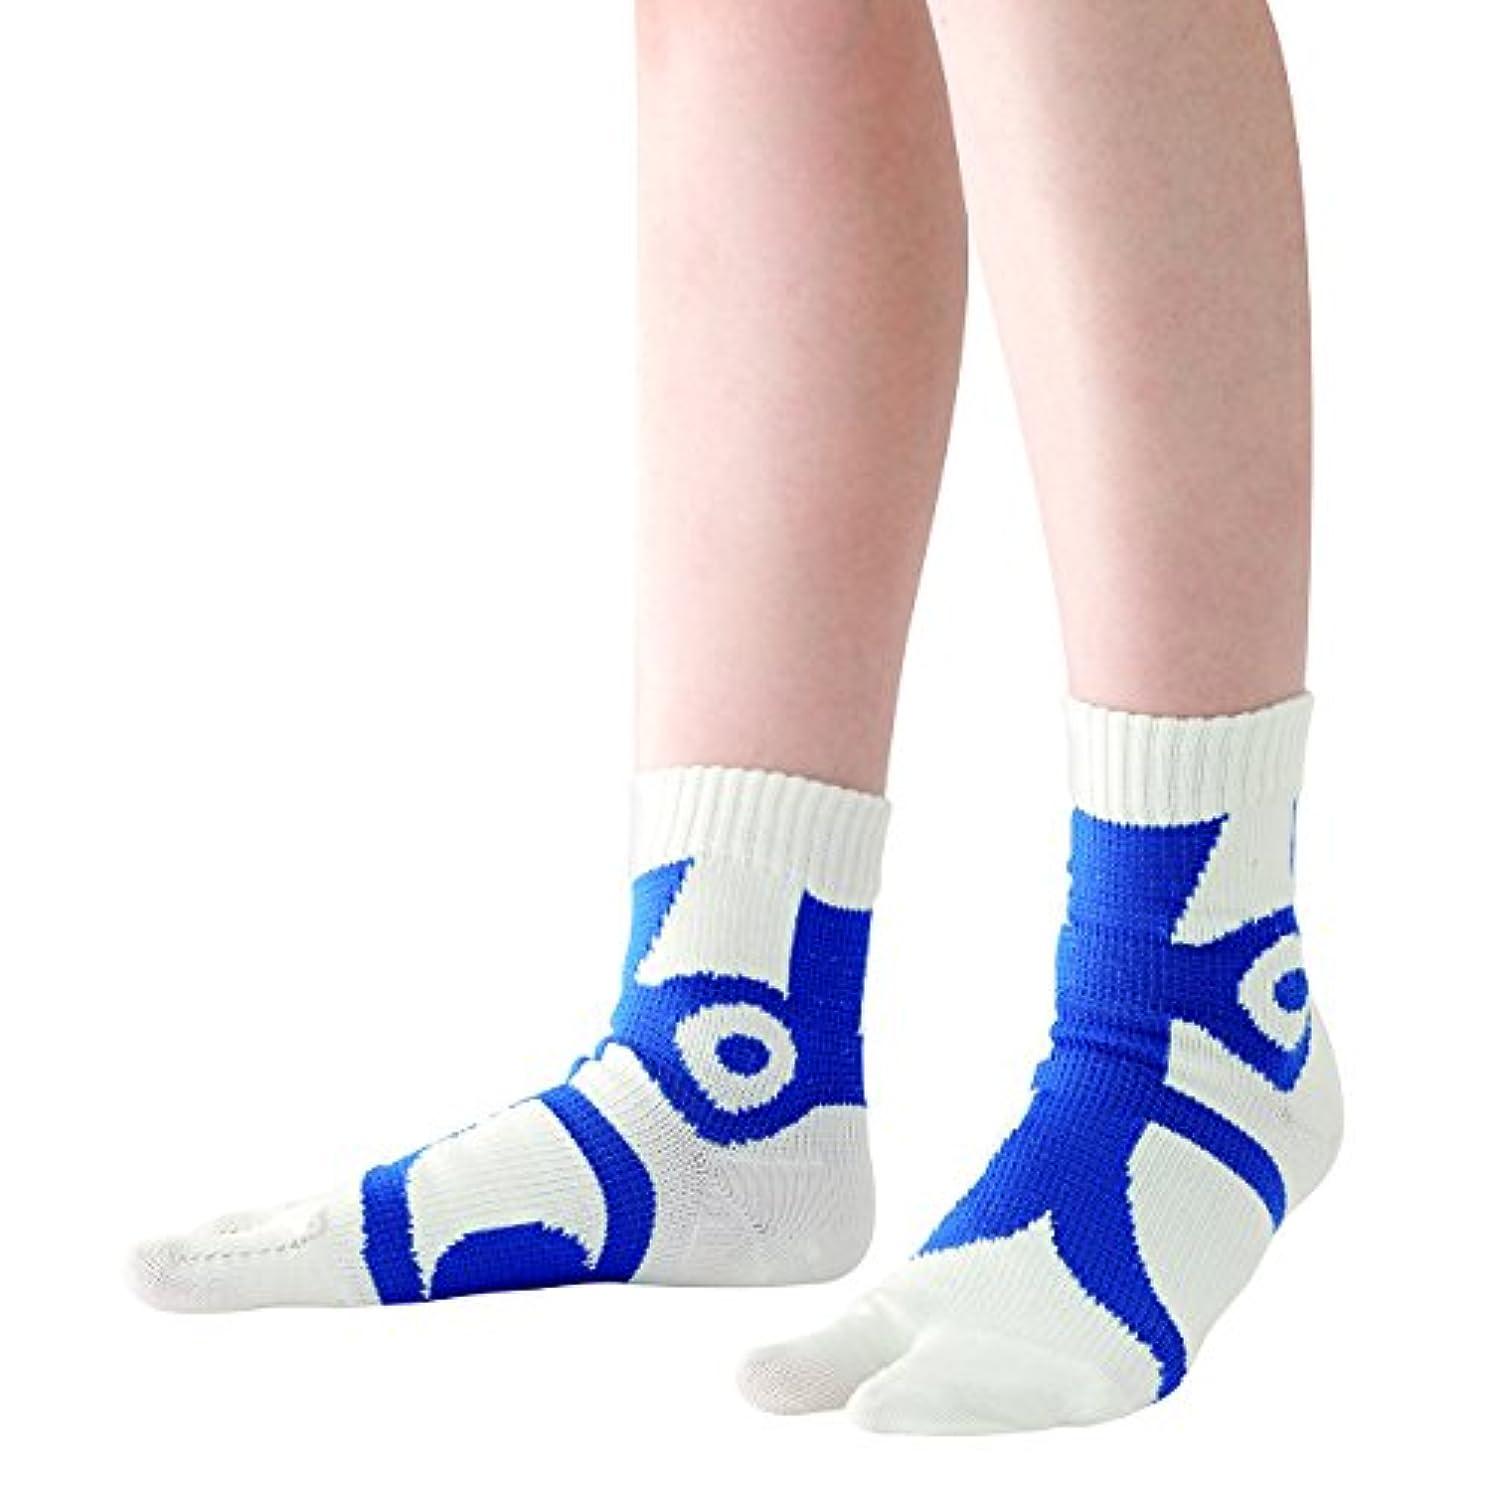 急ぐガウンポータブル快歩テーピング靴下 ホワイト×ブルー